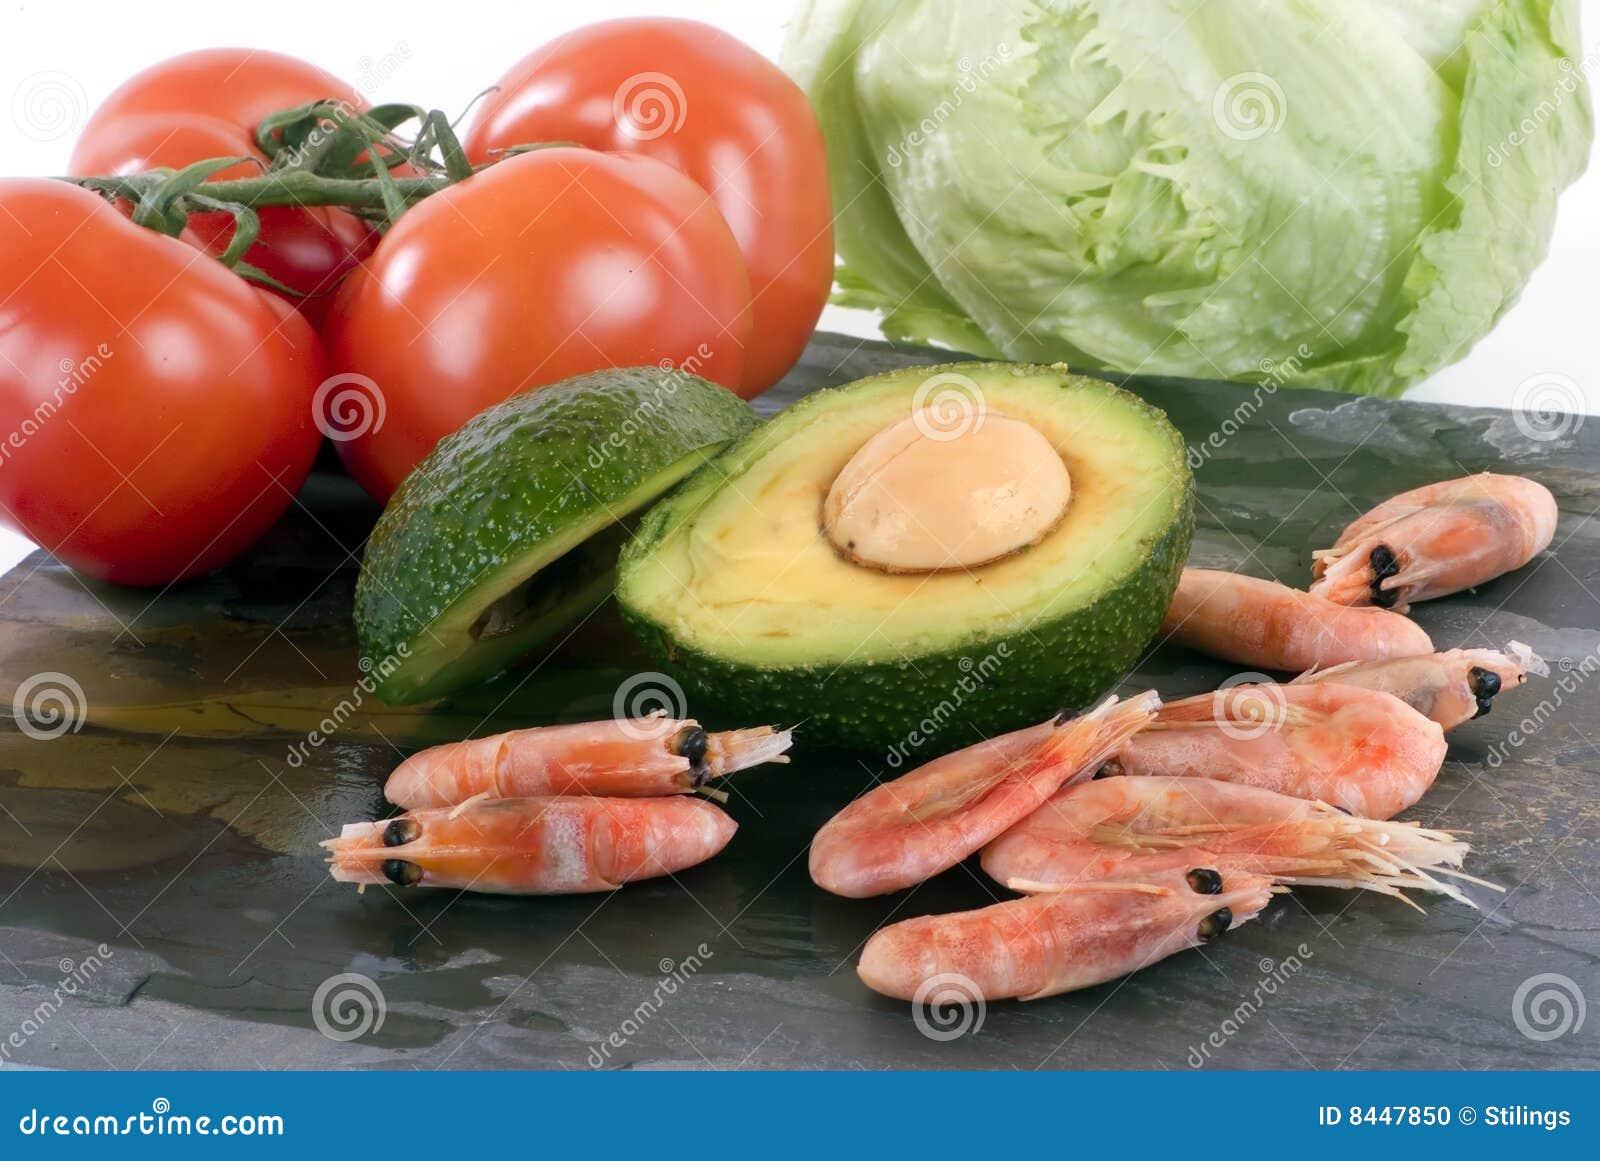 Advocado shrimp